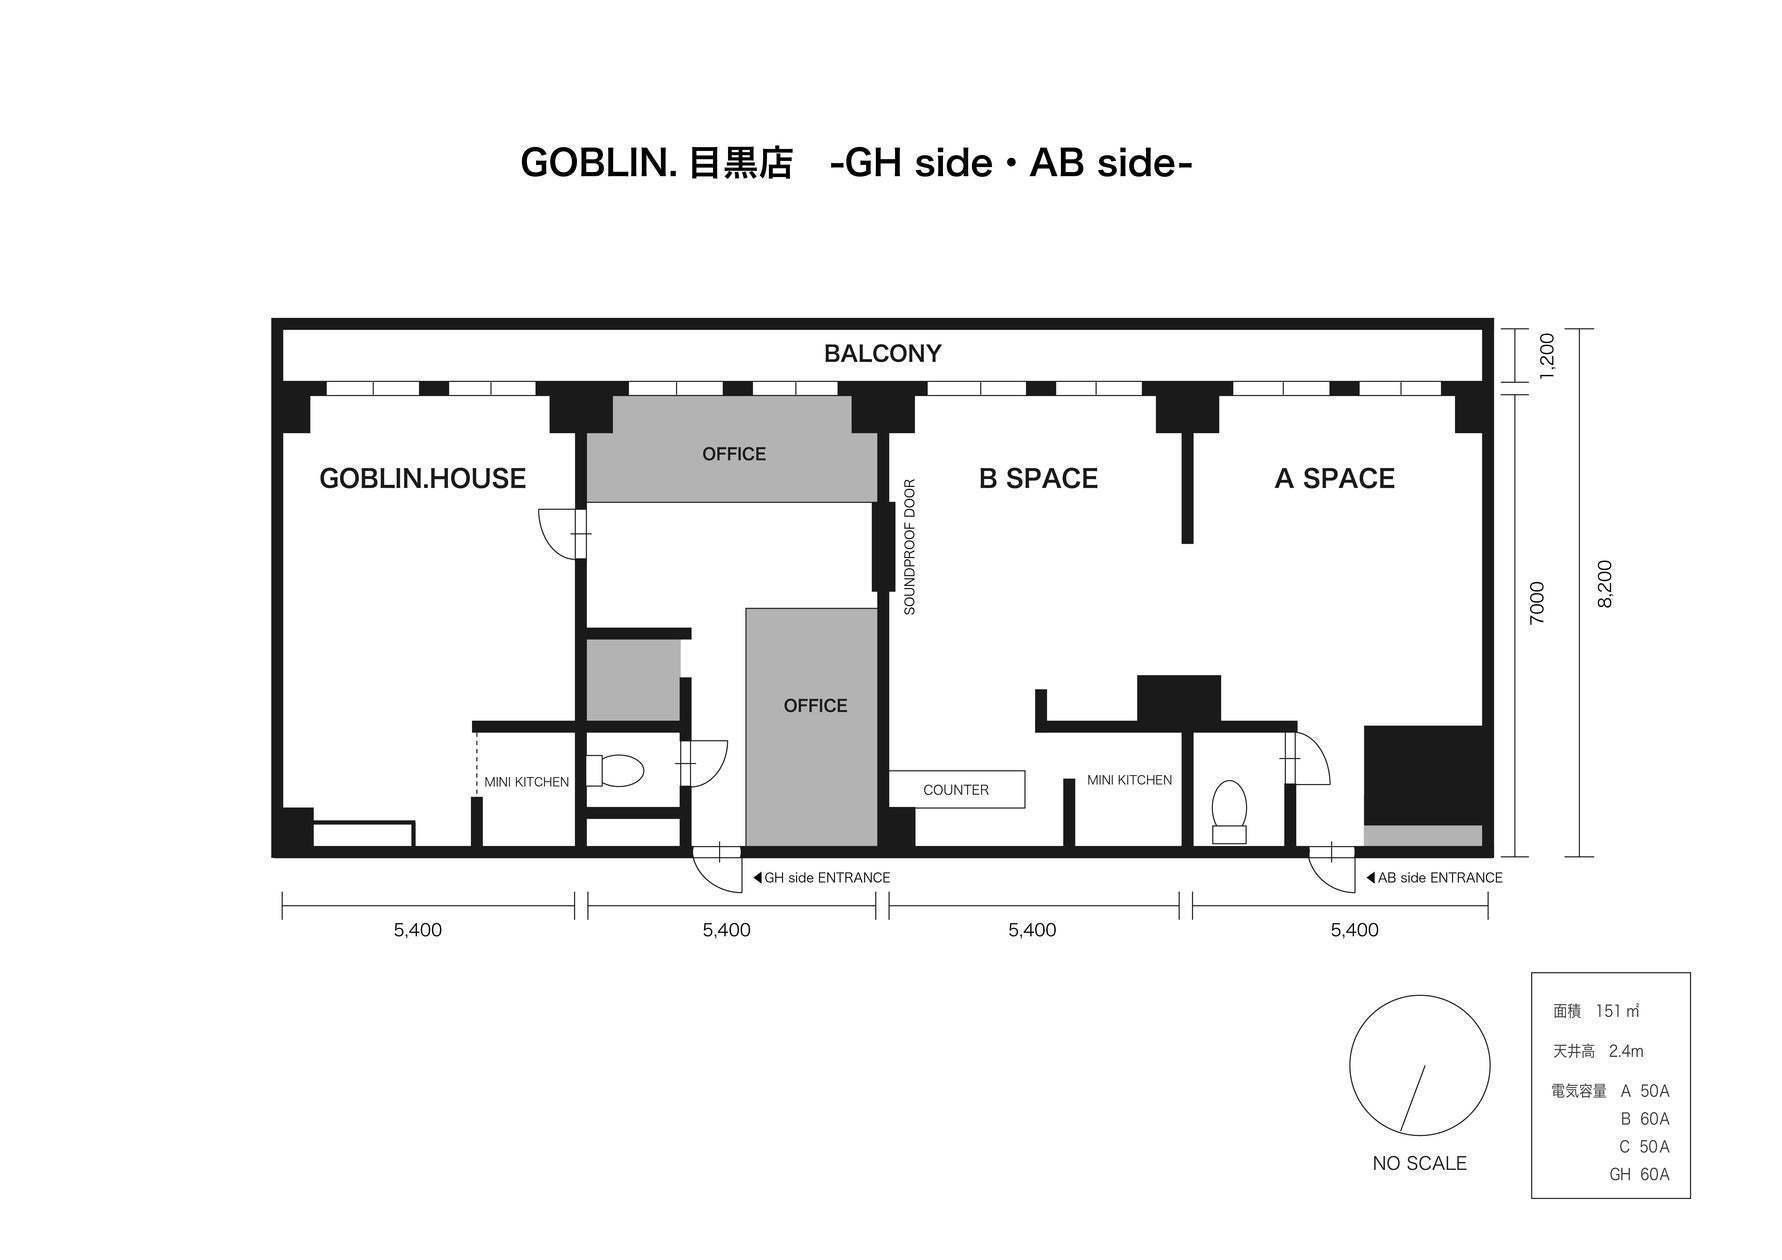 目黒店 -AB side-平面図